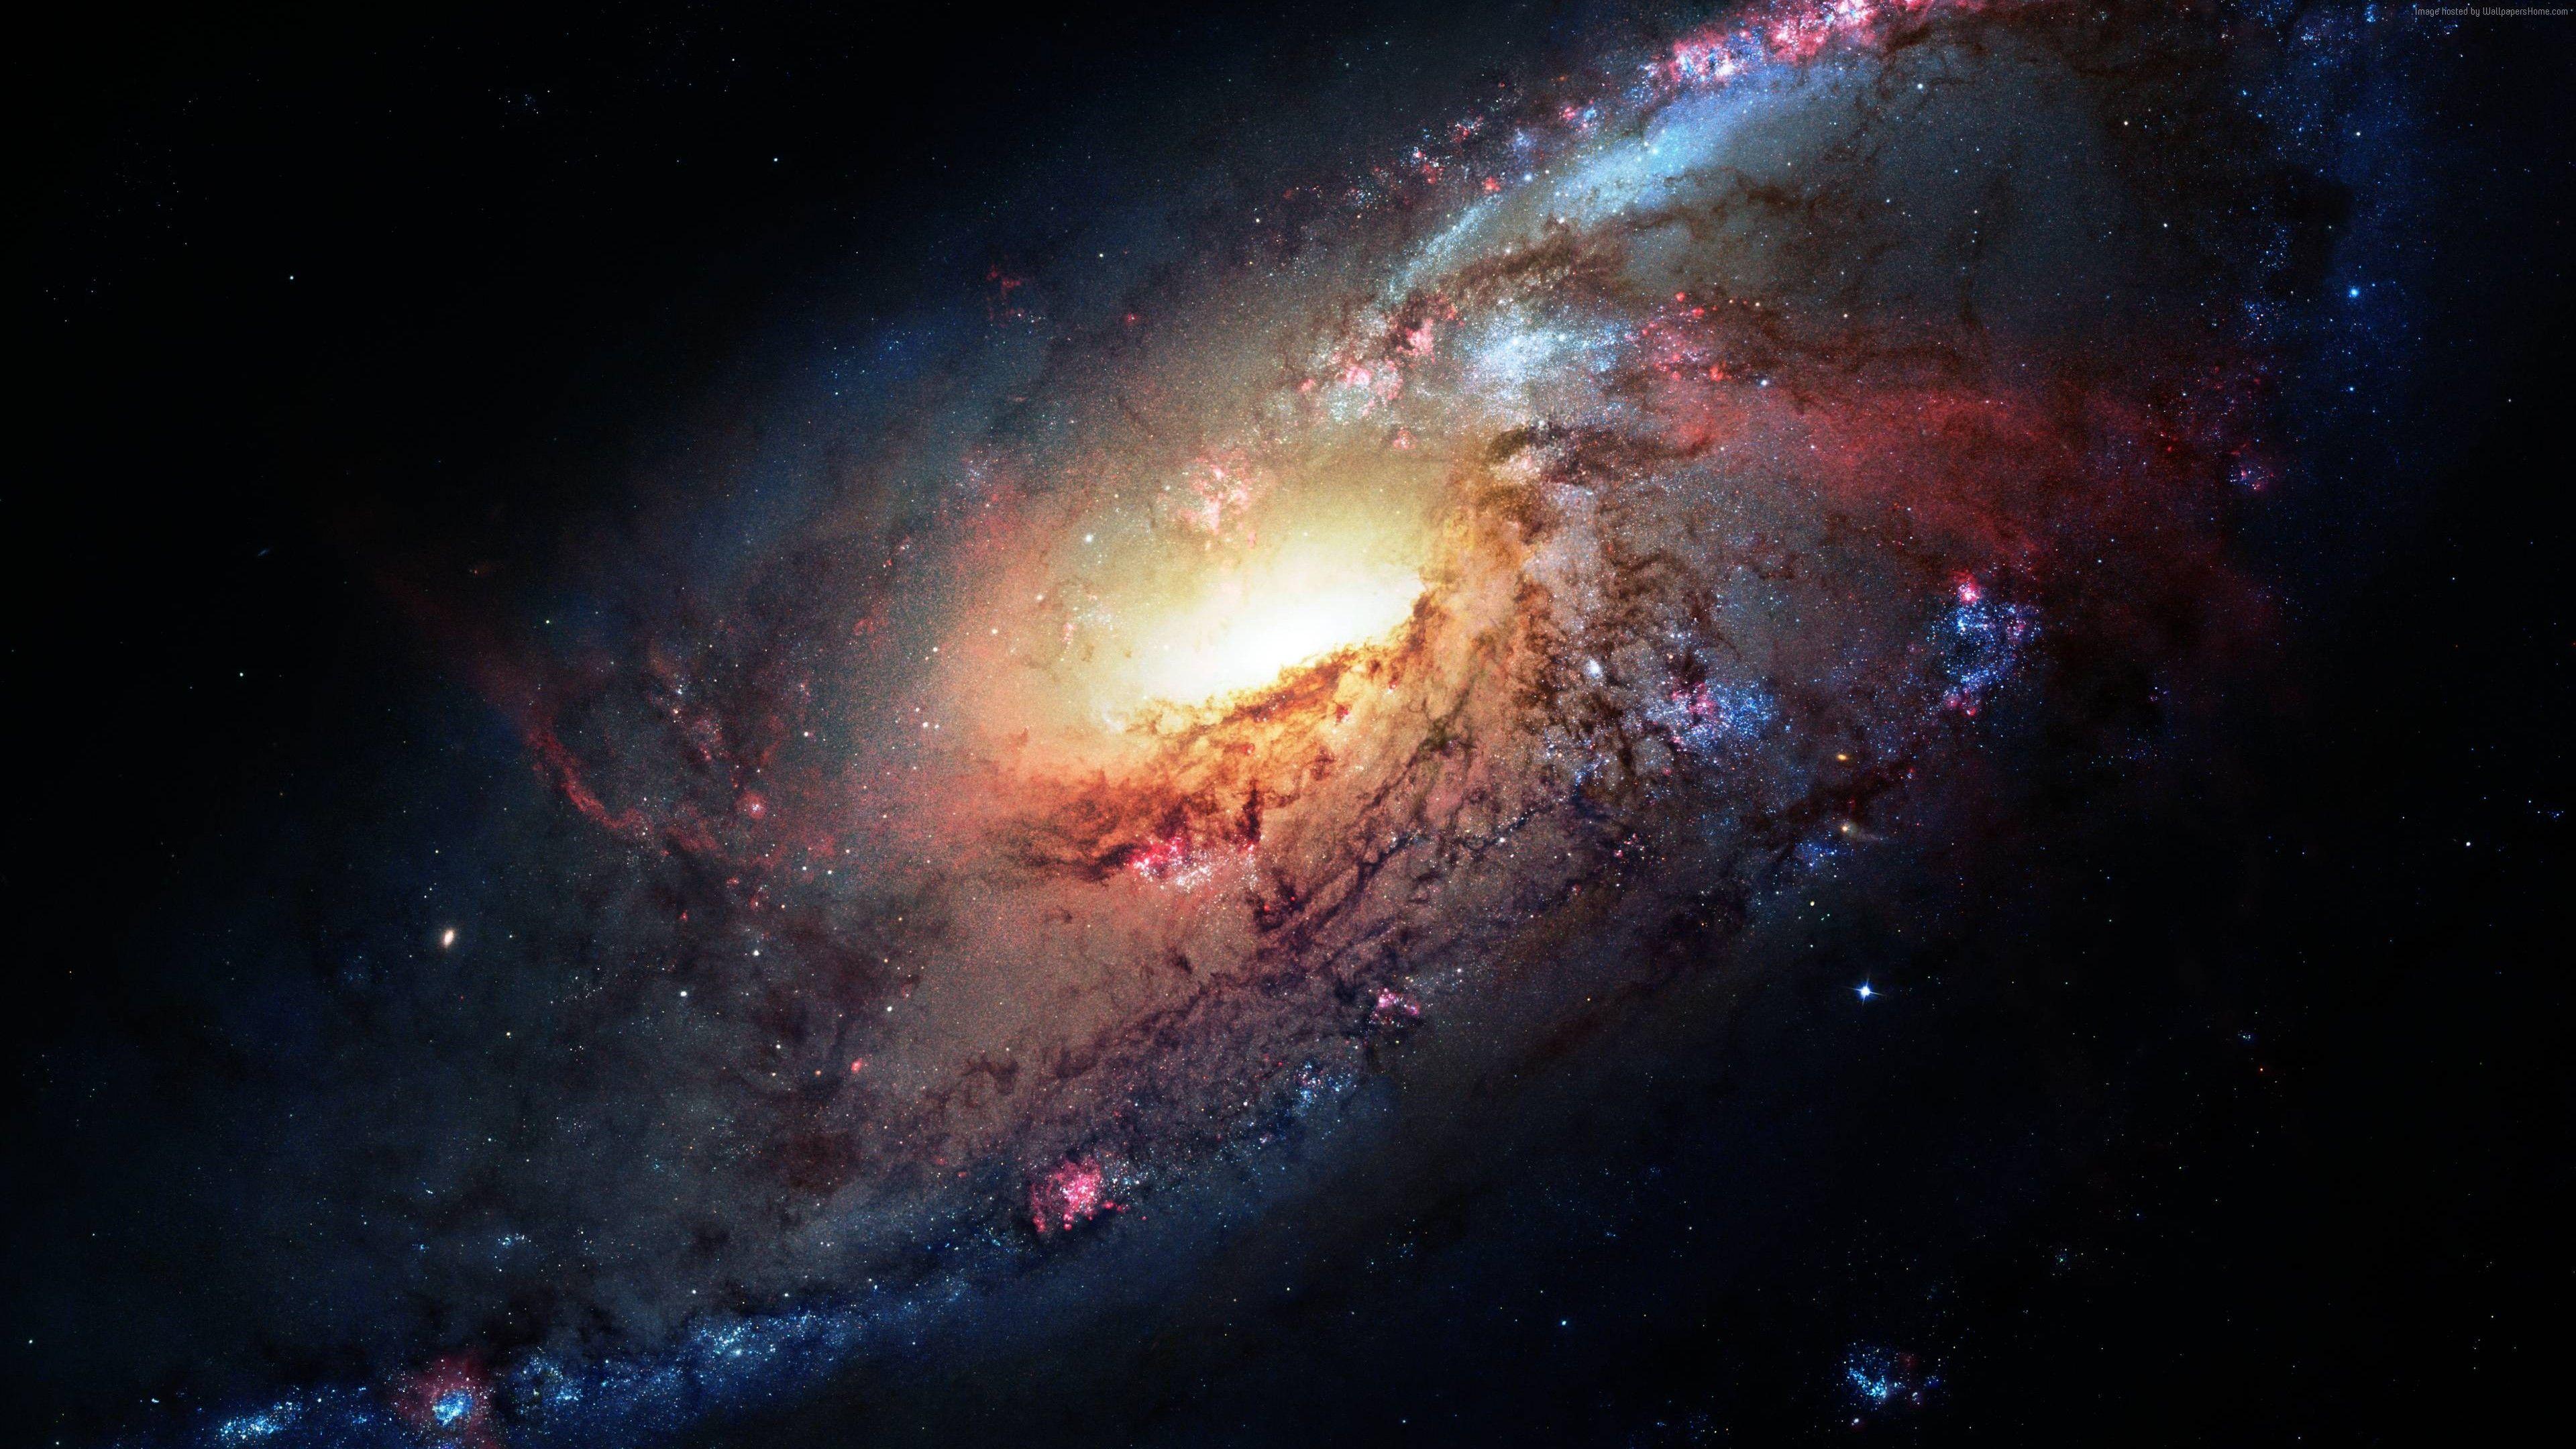 Wallpaper Messier 106 Stars 4k Space Wallpaper Widescreen Wallpaper Hd Widescreen Wallpapers